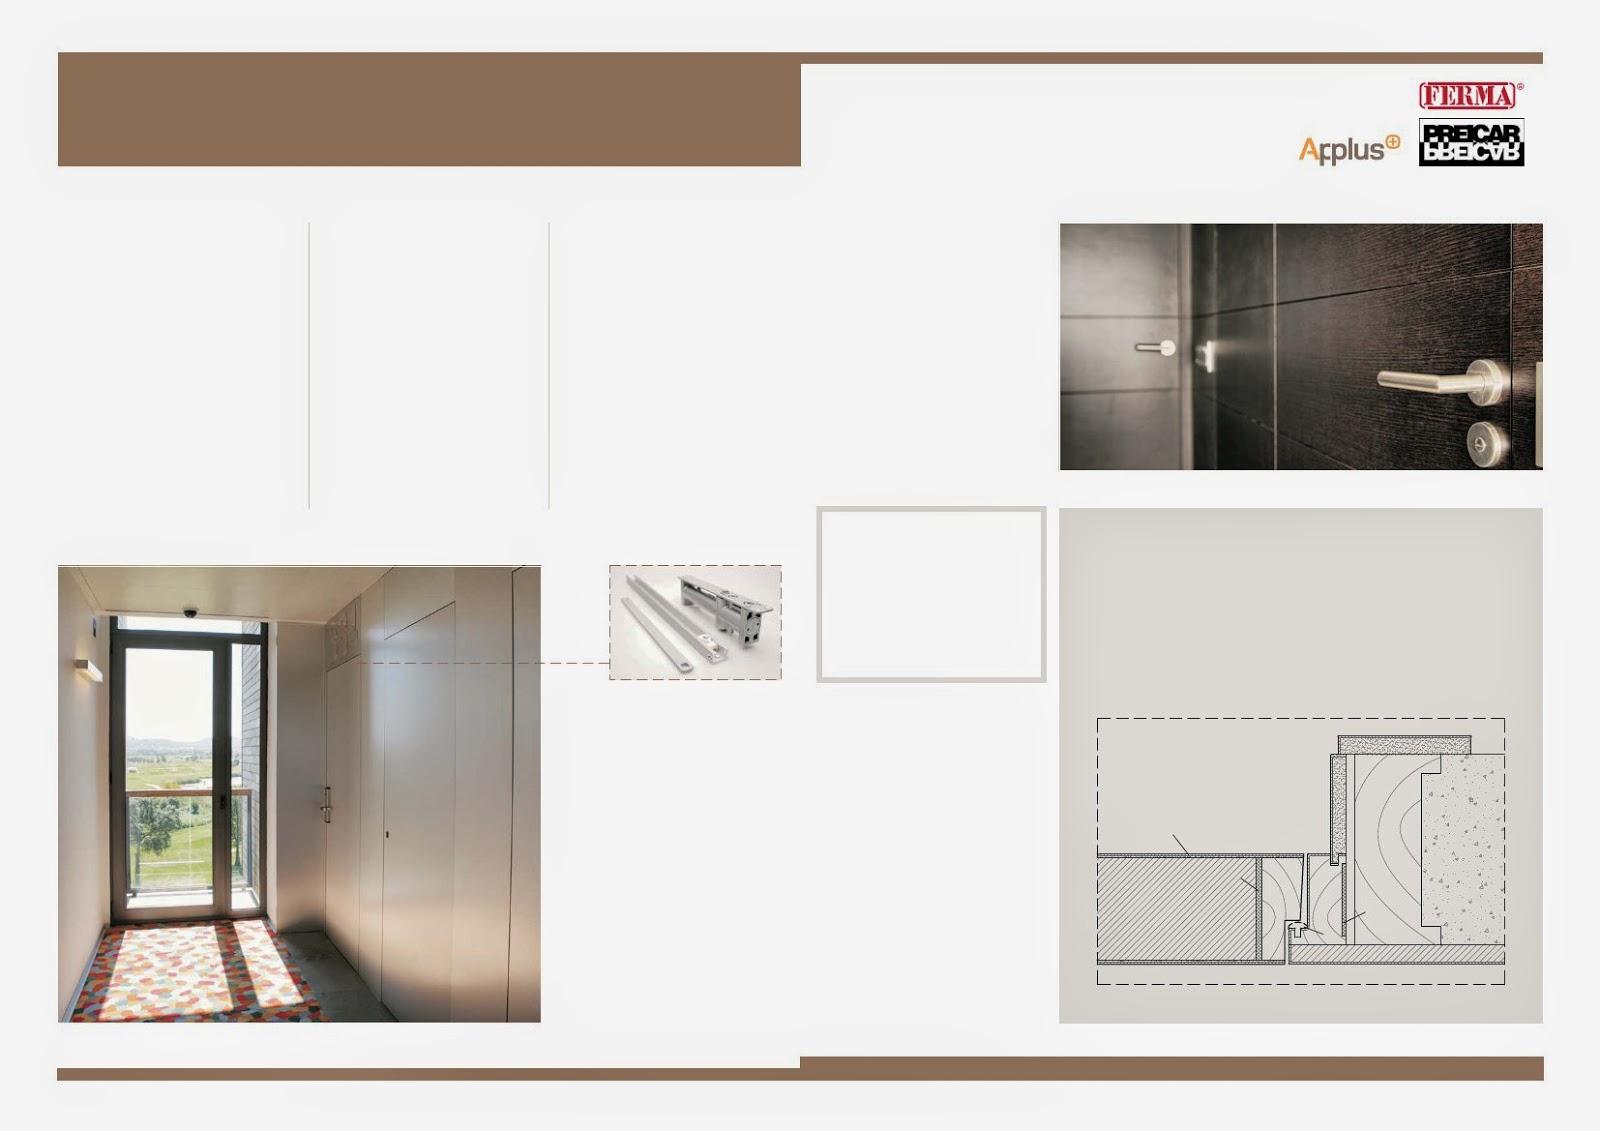 Preicar nuestras puertas para habitaciones ei230 c5 for Puertas habitaciones